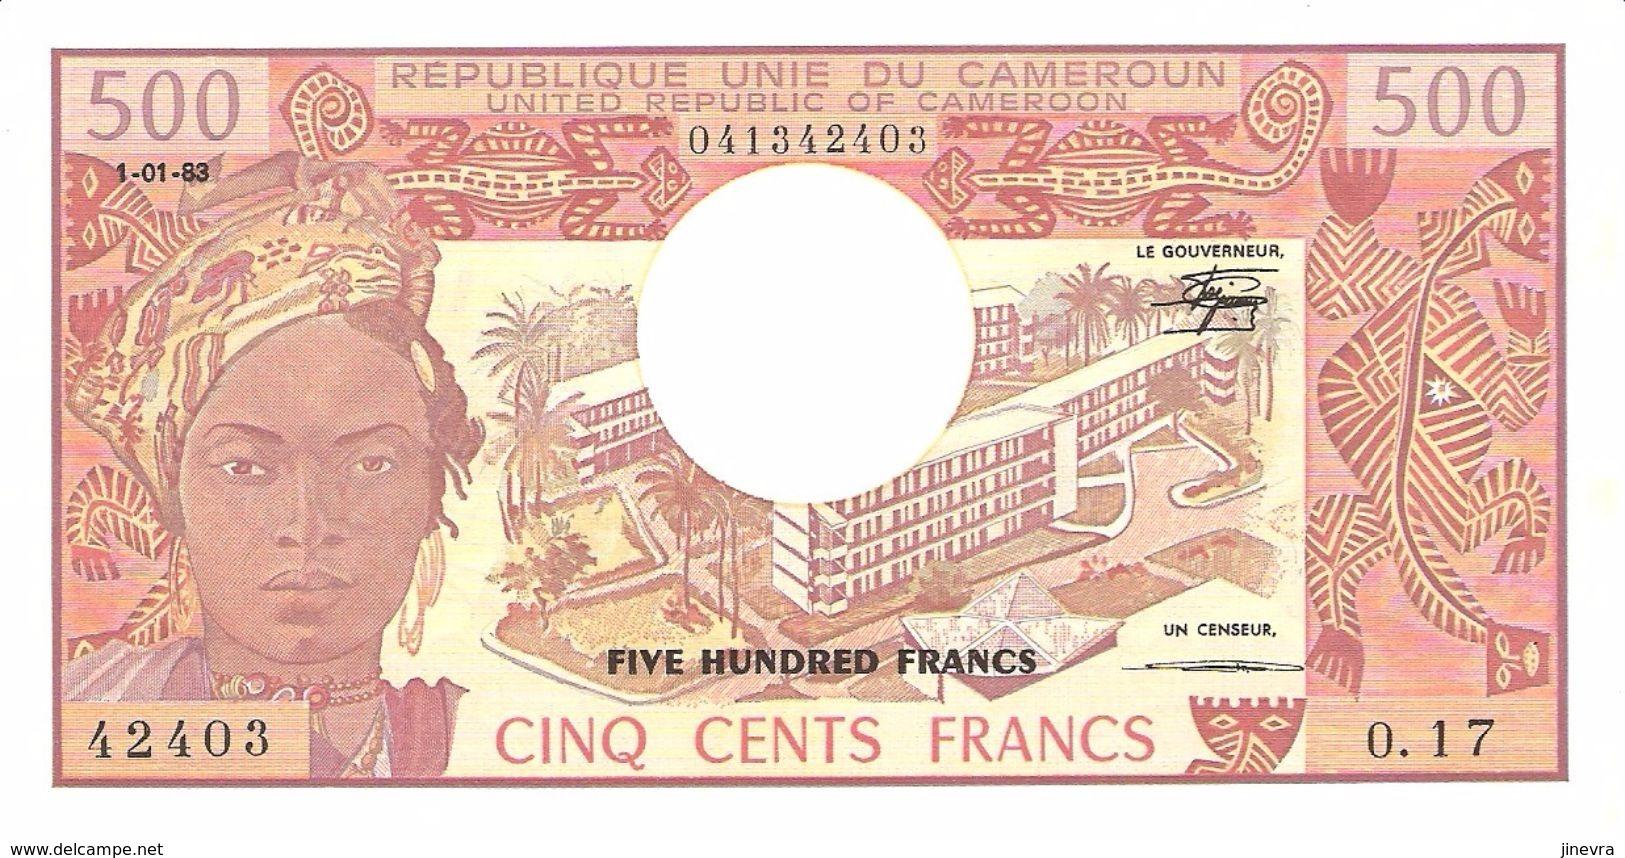 CAMEROUN 500 FRANCS 1983 PICK 15d UNC - Cameroun